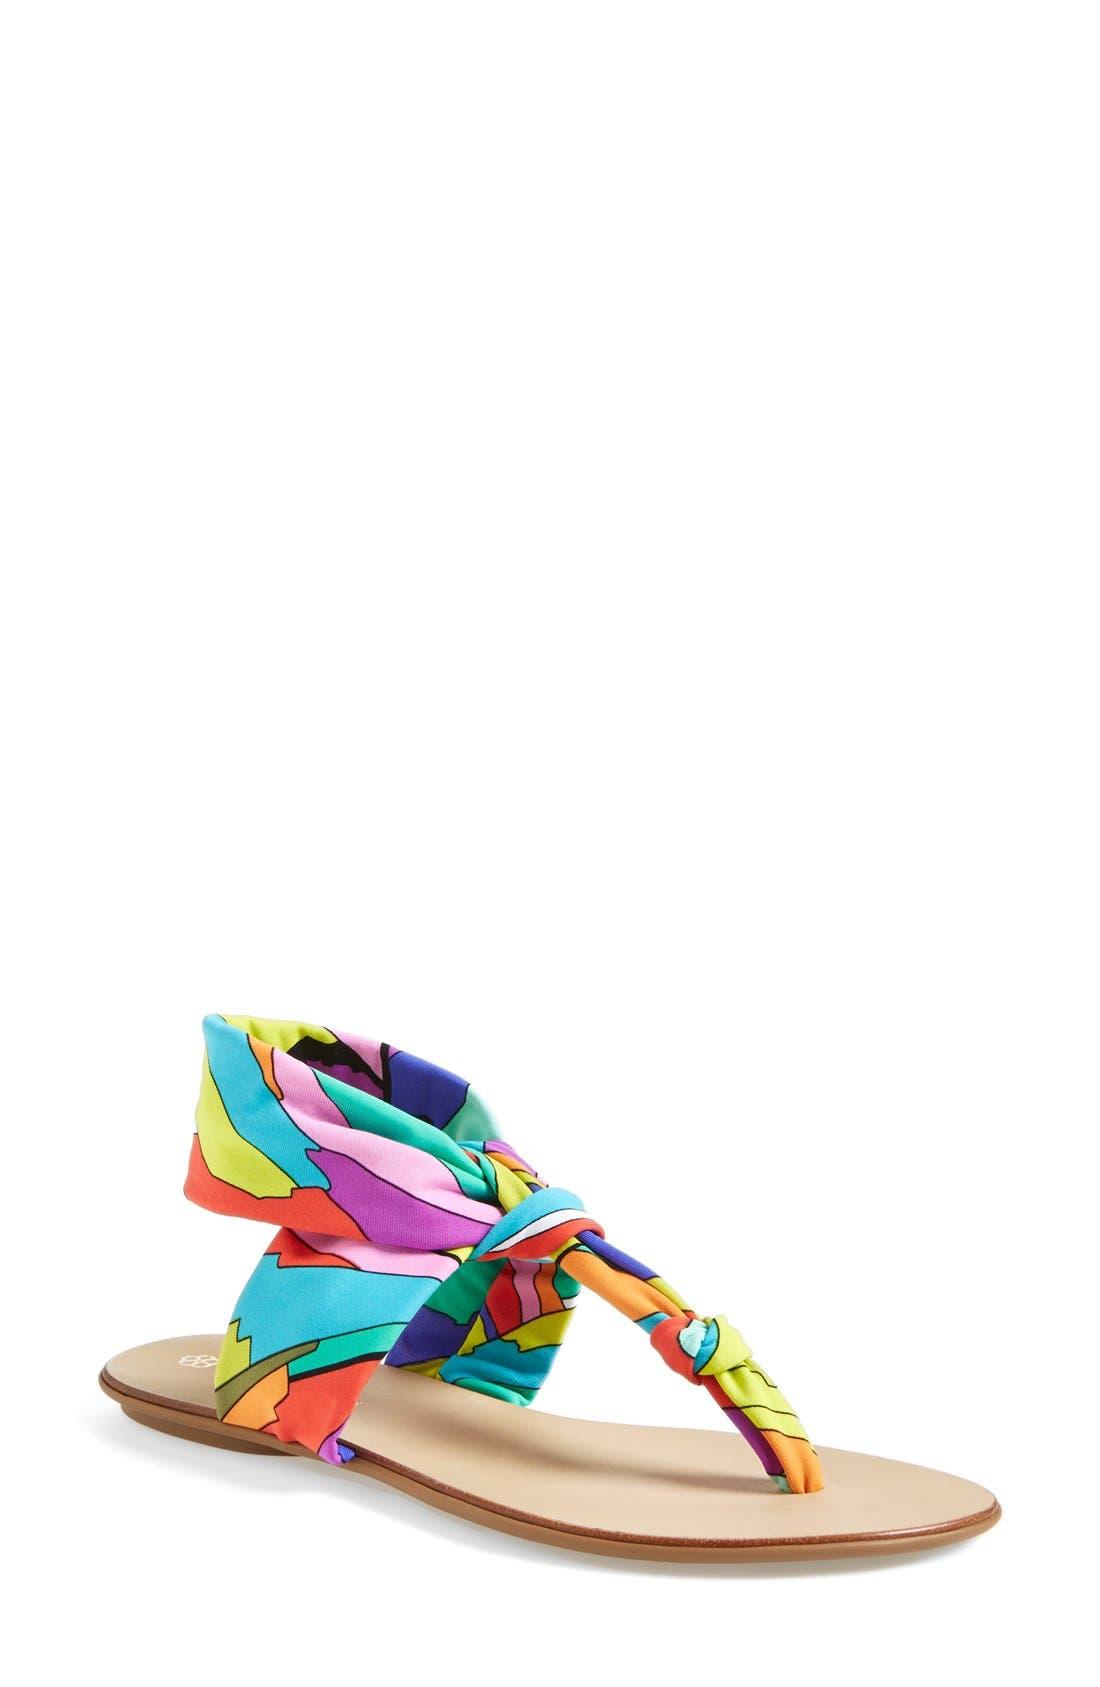 Main Image - Trina Turk 'Titus' Thong Sandal (Women)